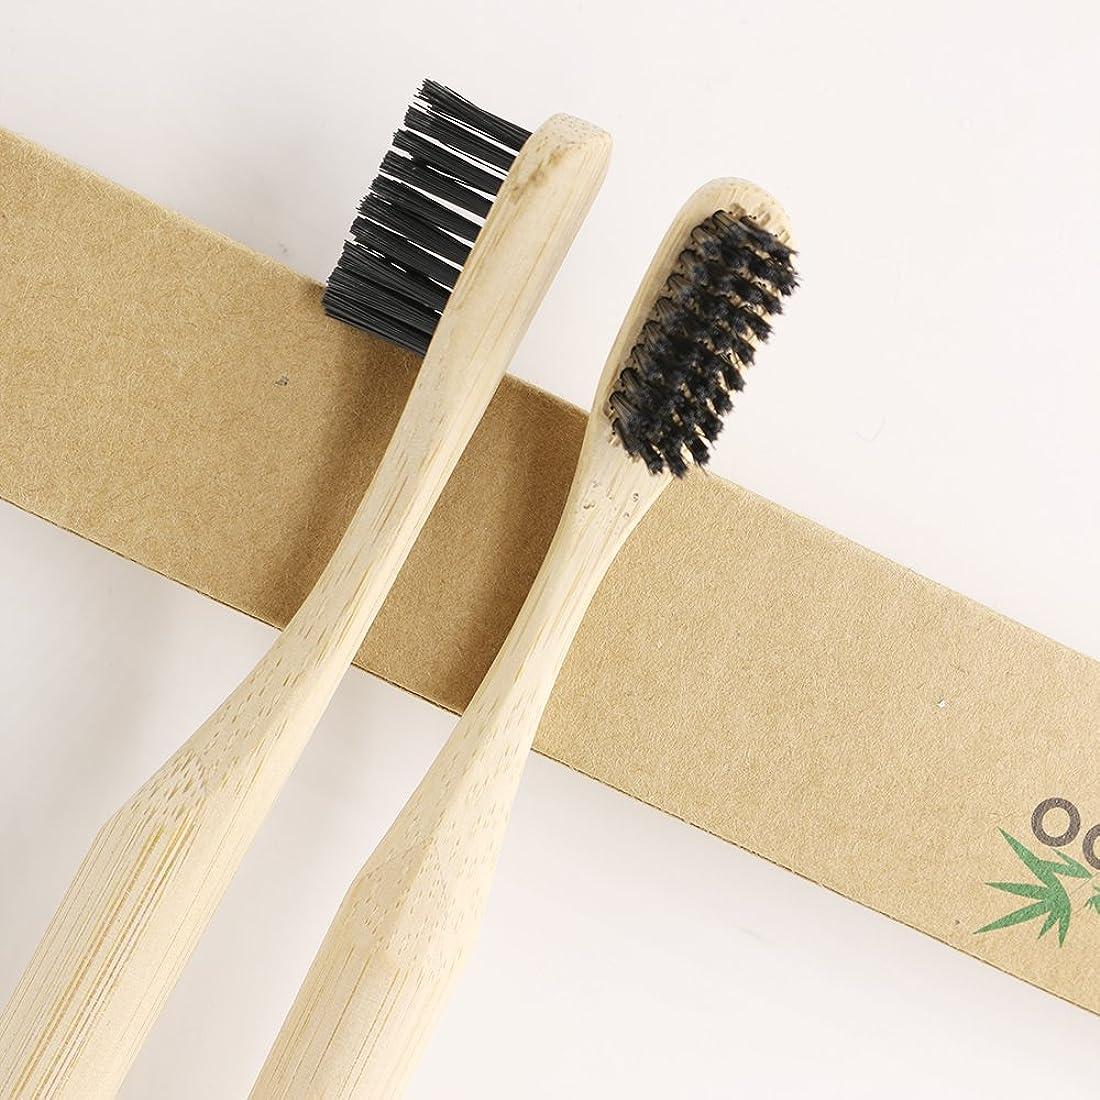 いたずらフォローボンドN-amboo 竹製耐久度高い 歯ブラシ  2本入り セット 黒い